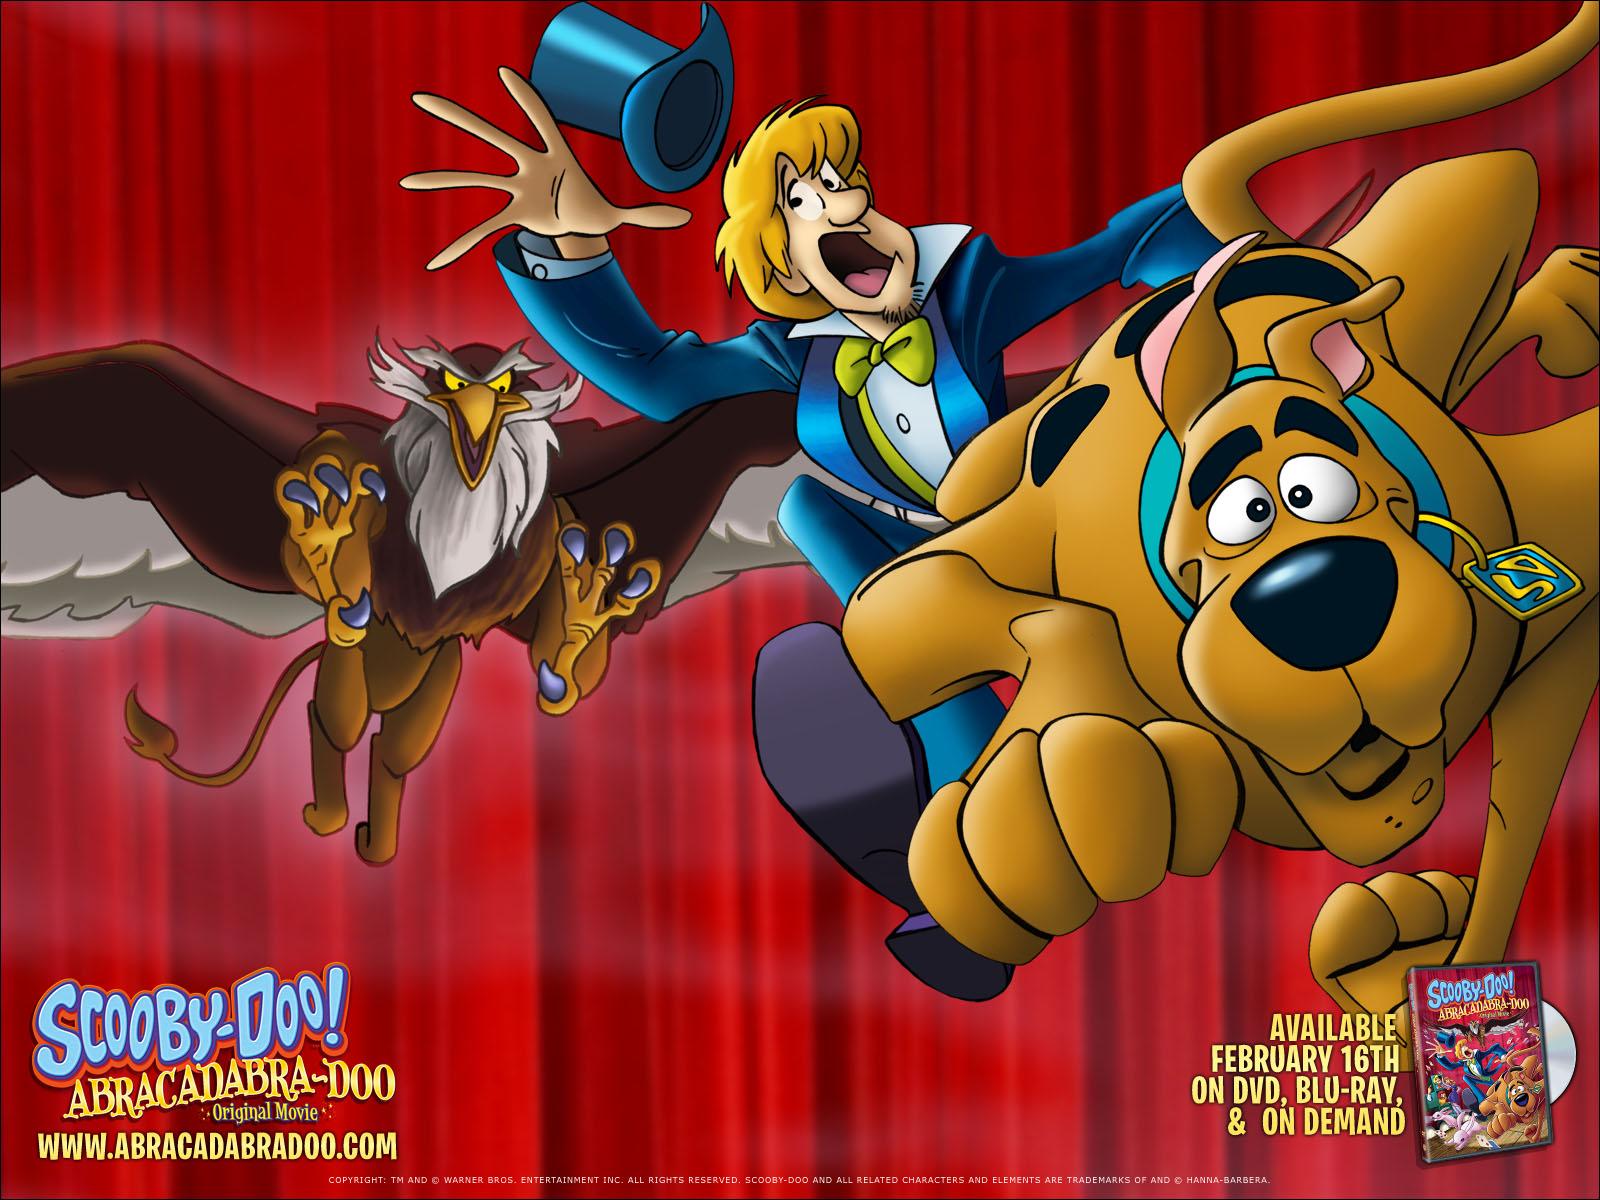 Scooby Doo Wallpaper Download Scooby Doo Wallpaper Scooby Doo Wallpaper 1600x1200